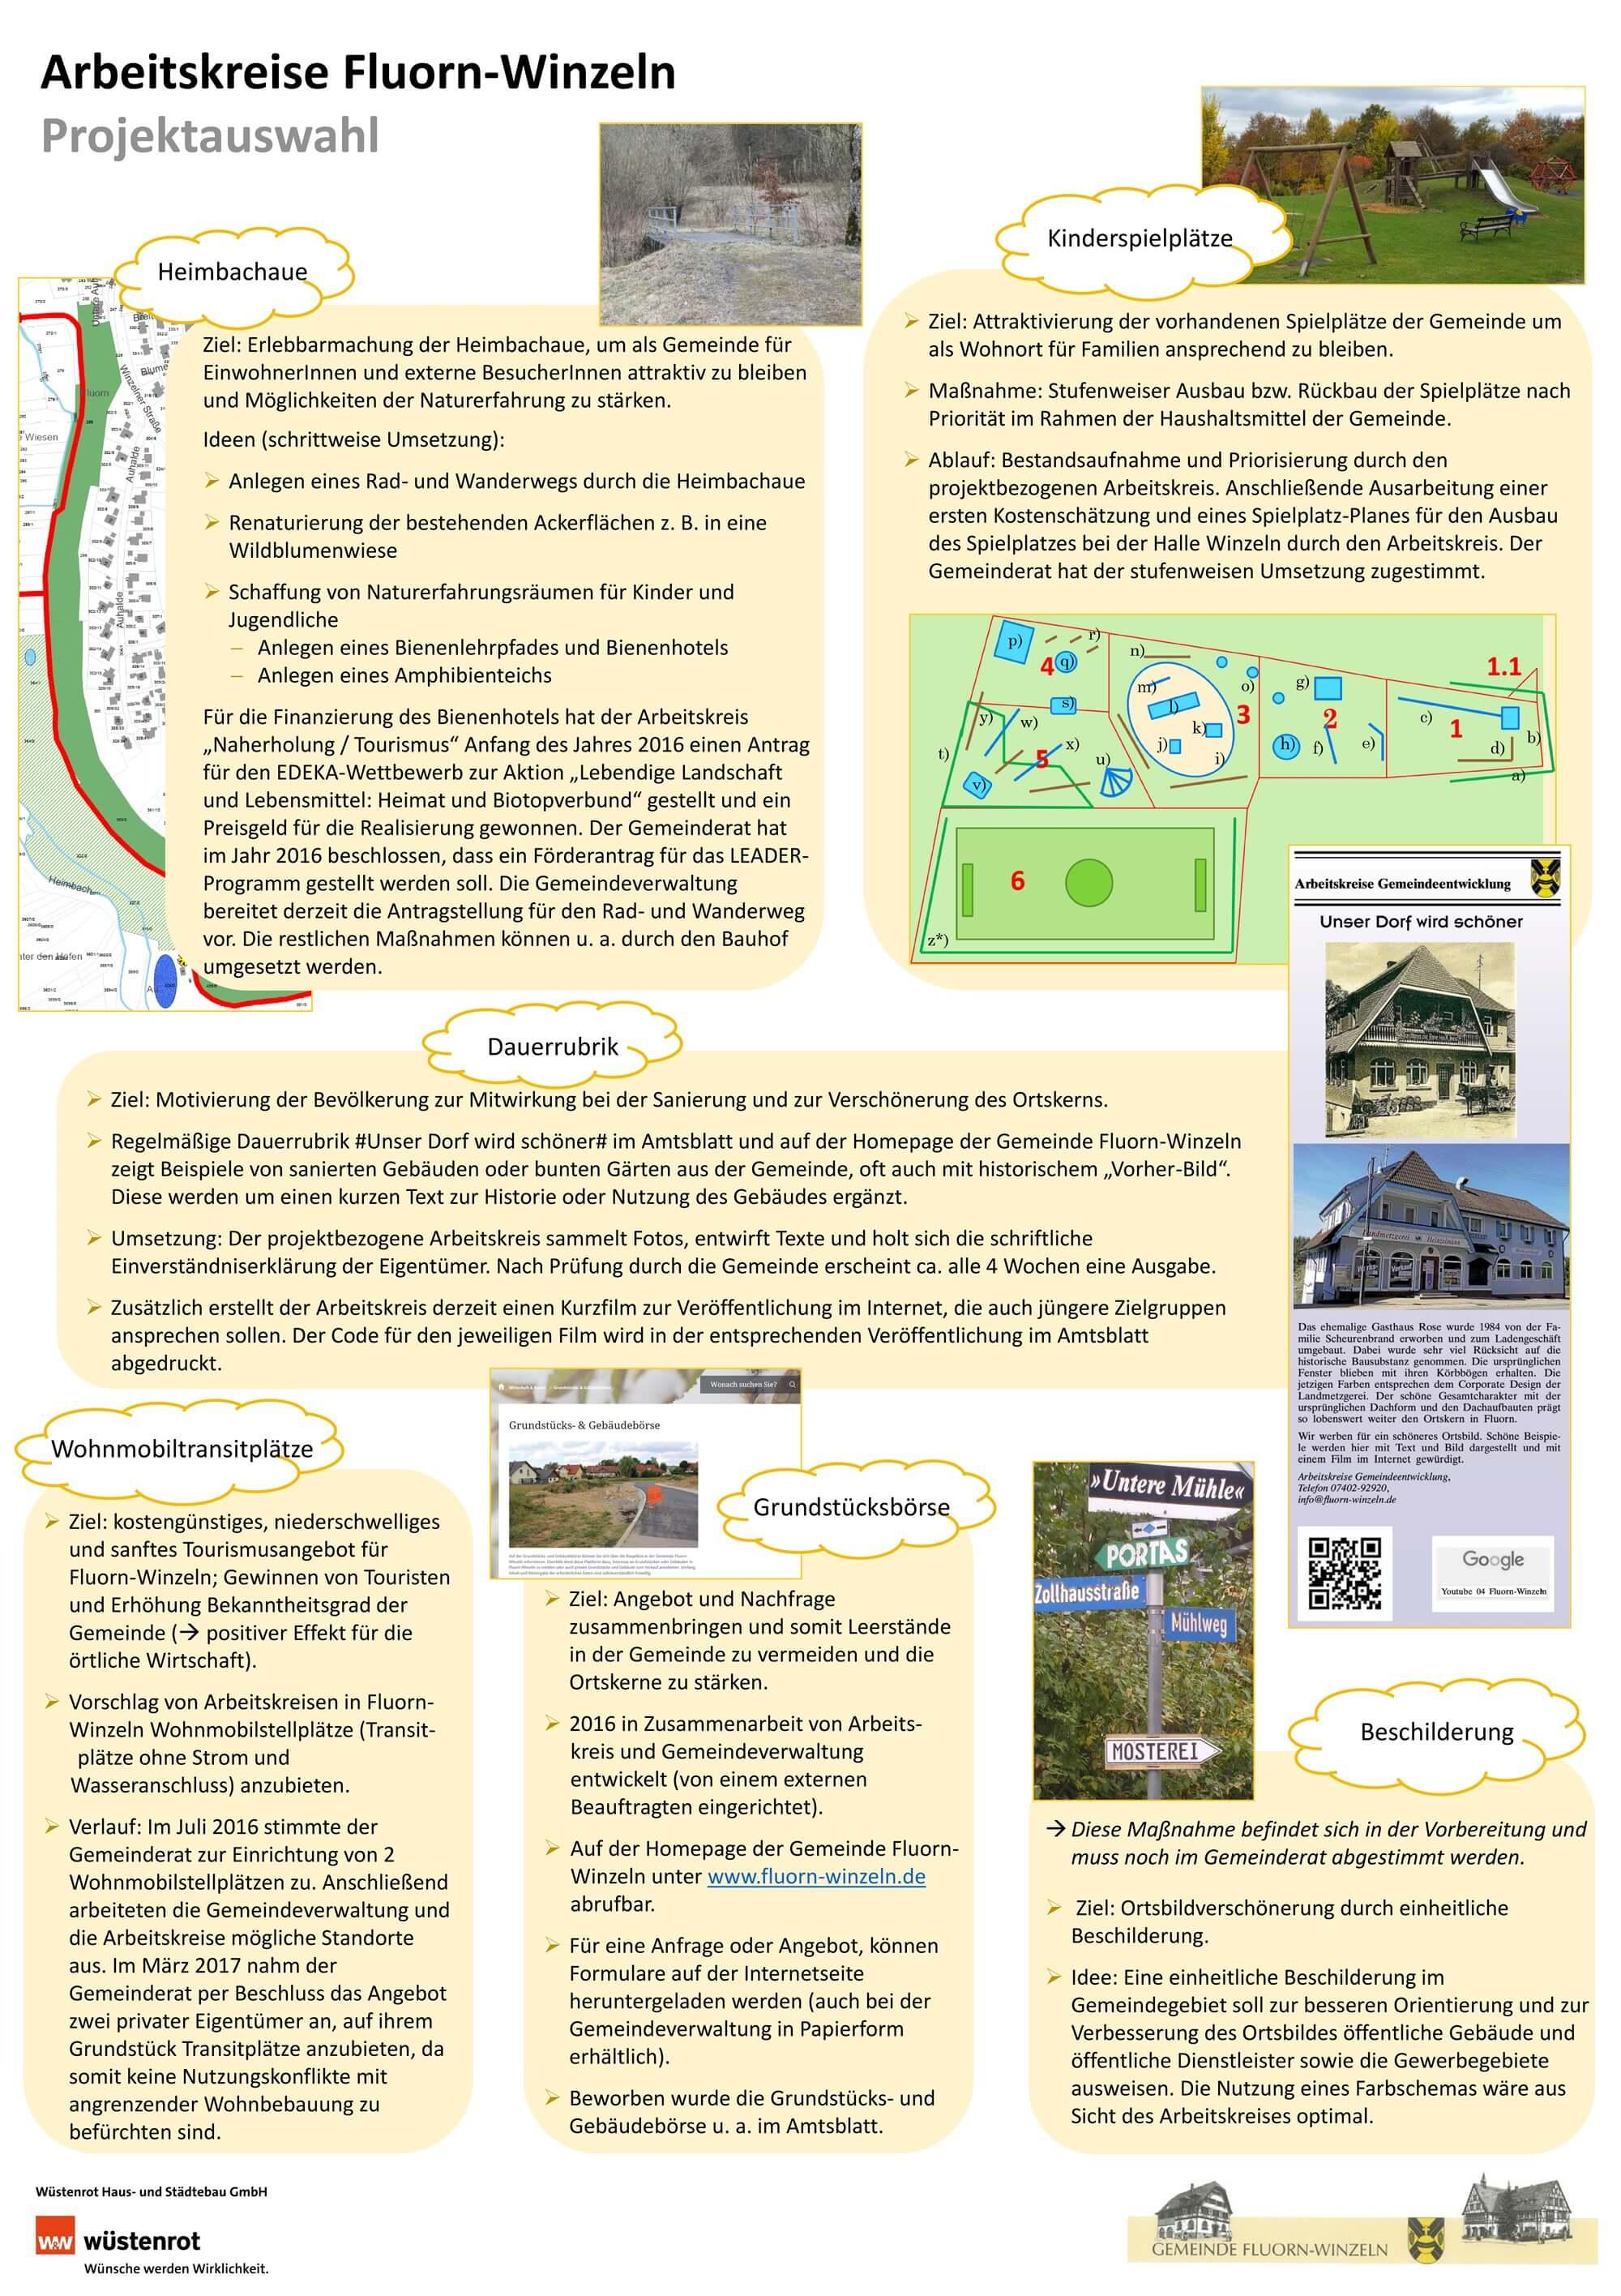 Plakat zu den Projekten der Arbeitskreise